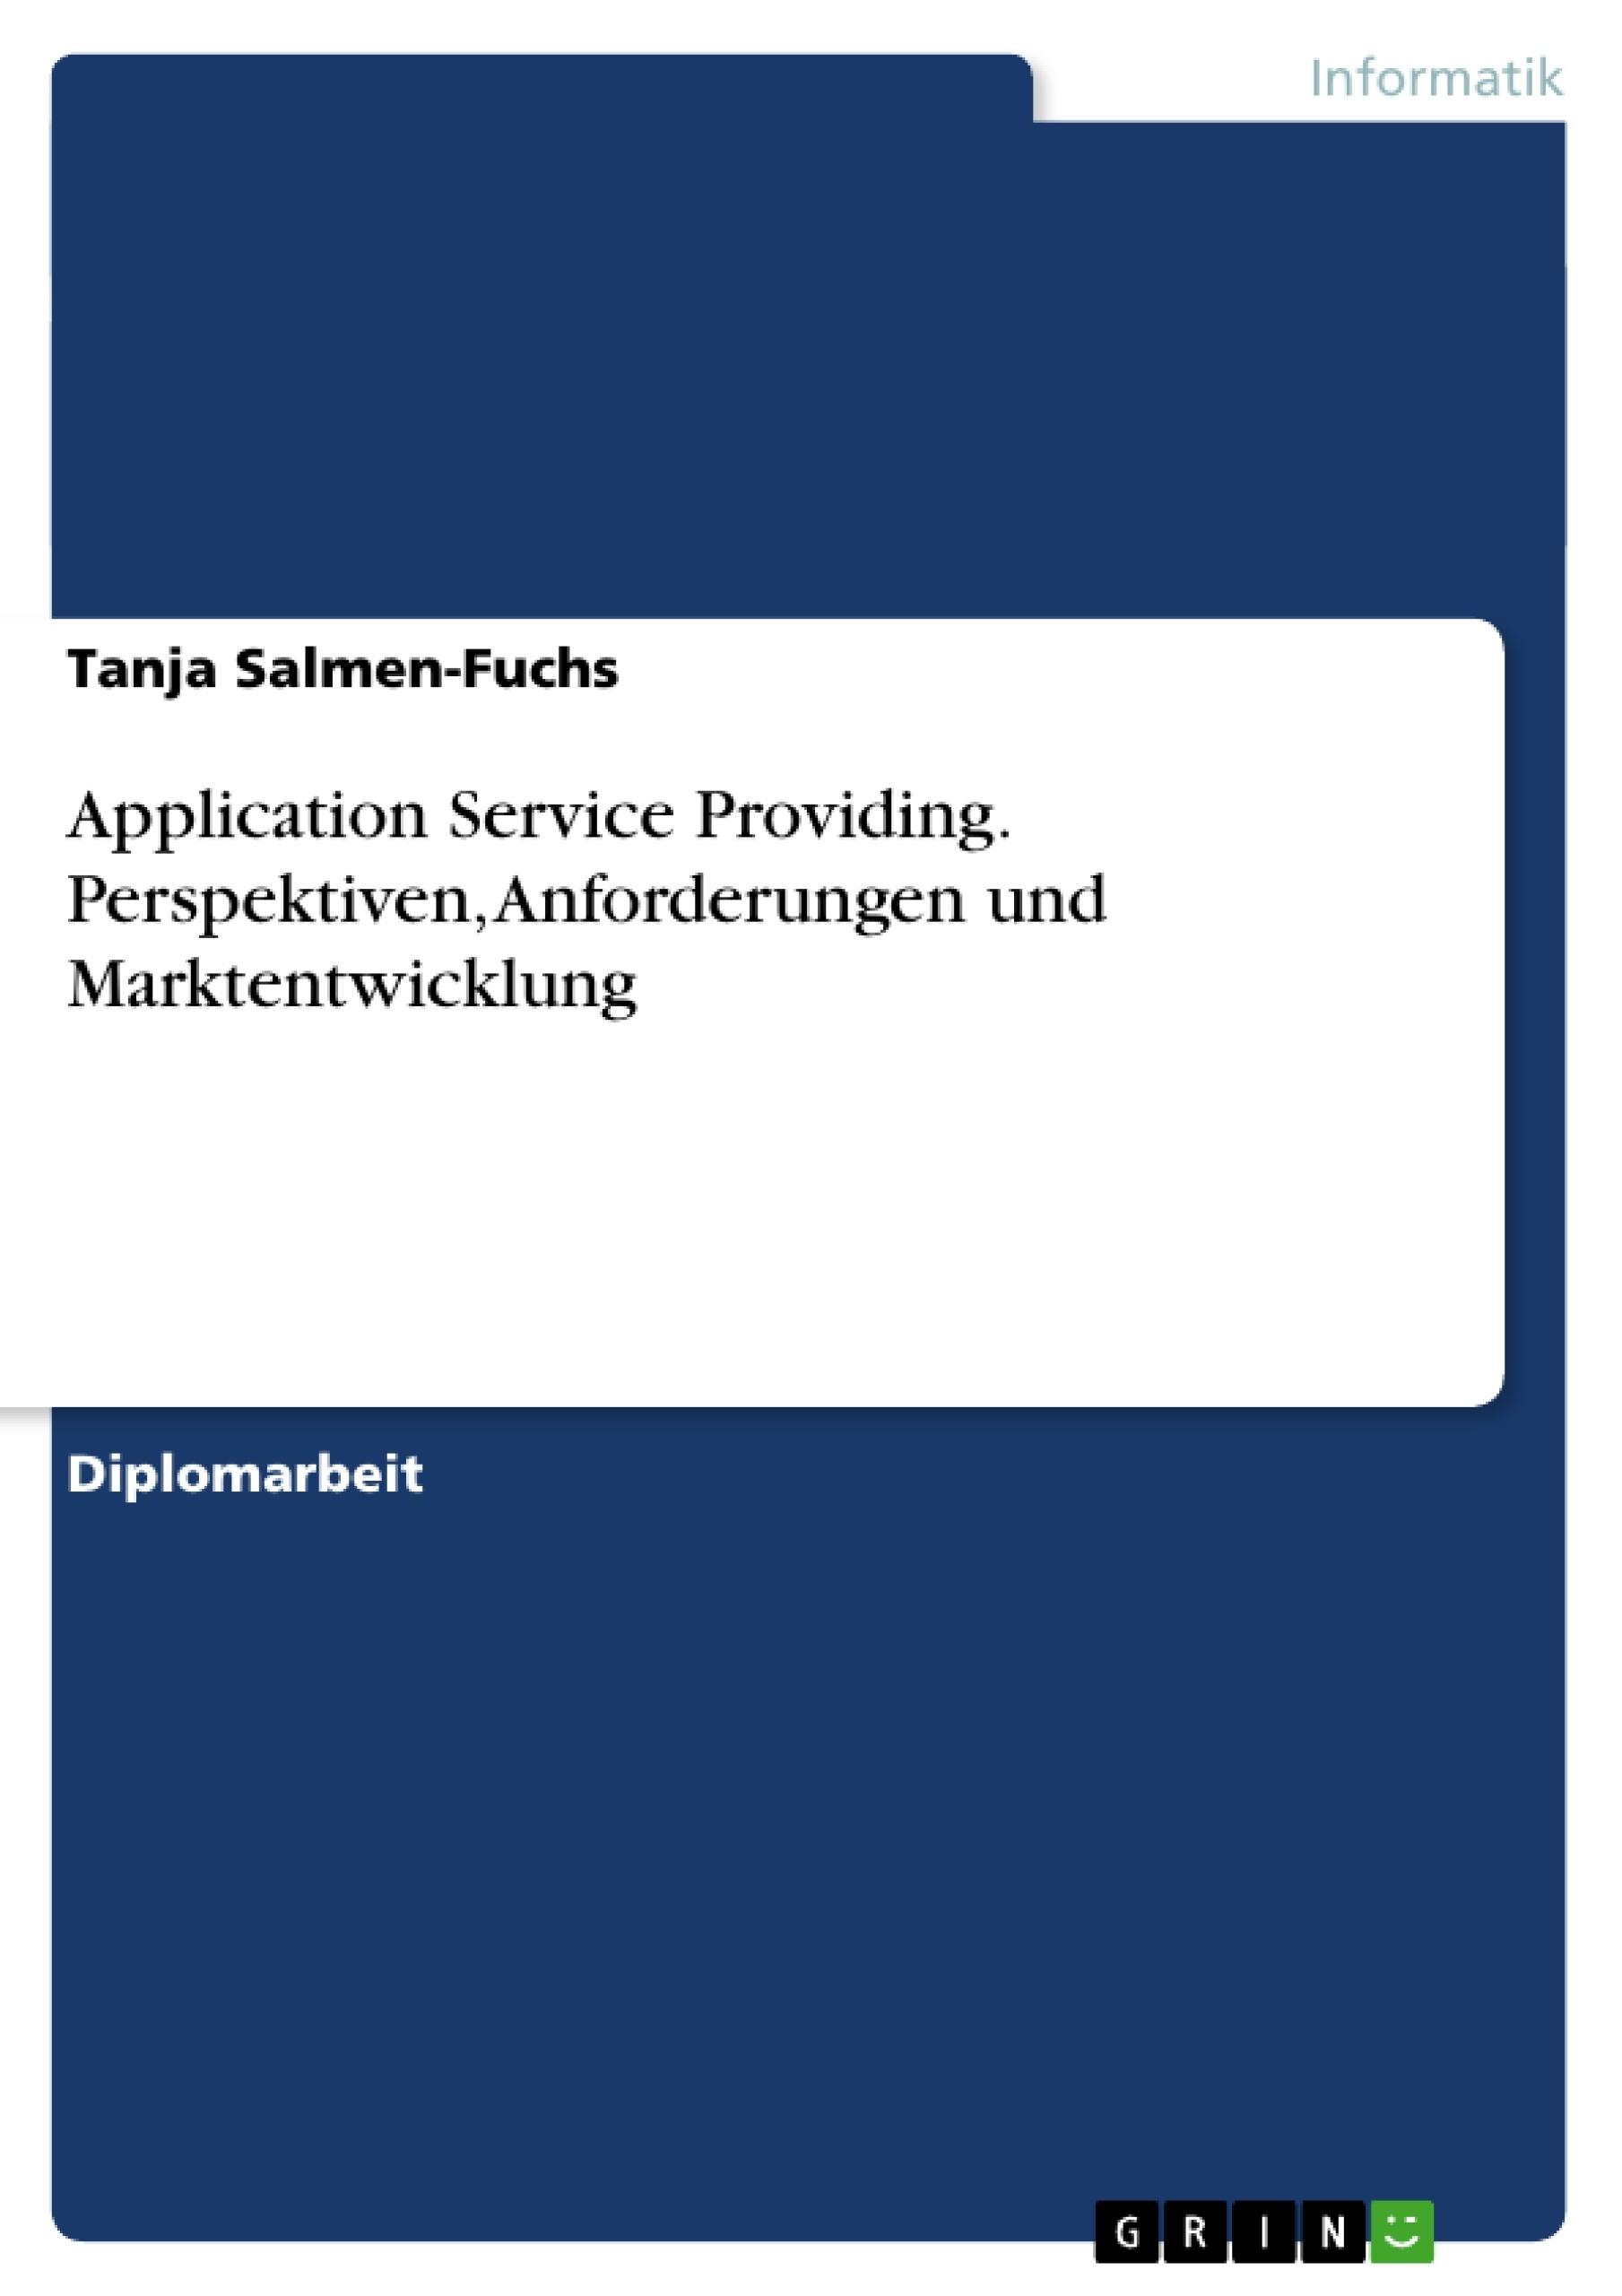 Titel: Application Service Providing. Perspektiven, Anforderungen und Marktentwicklung